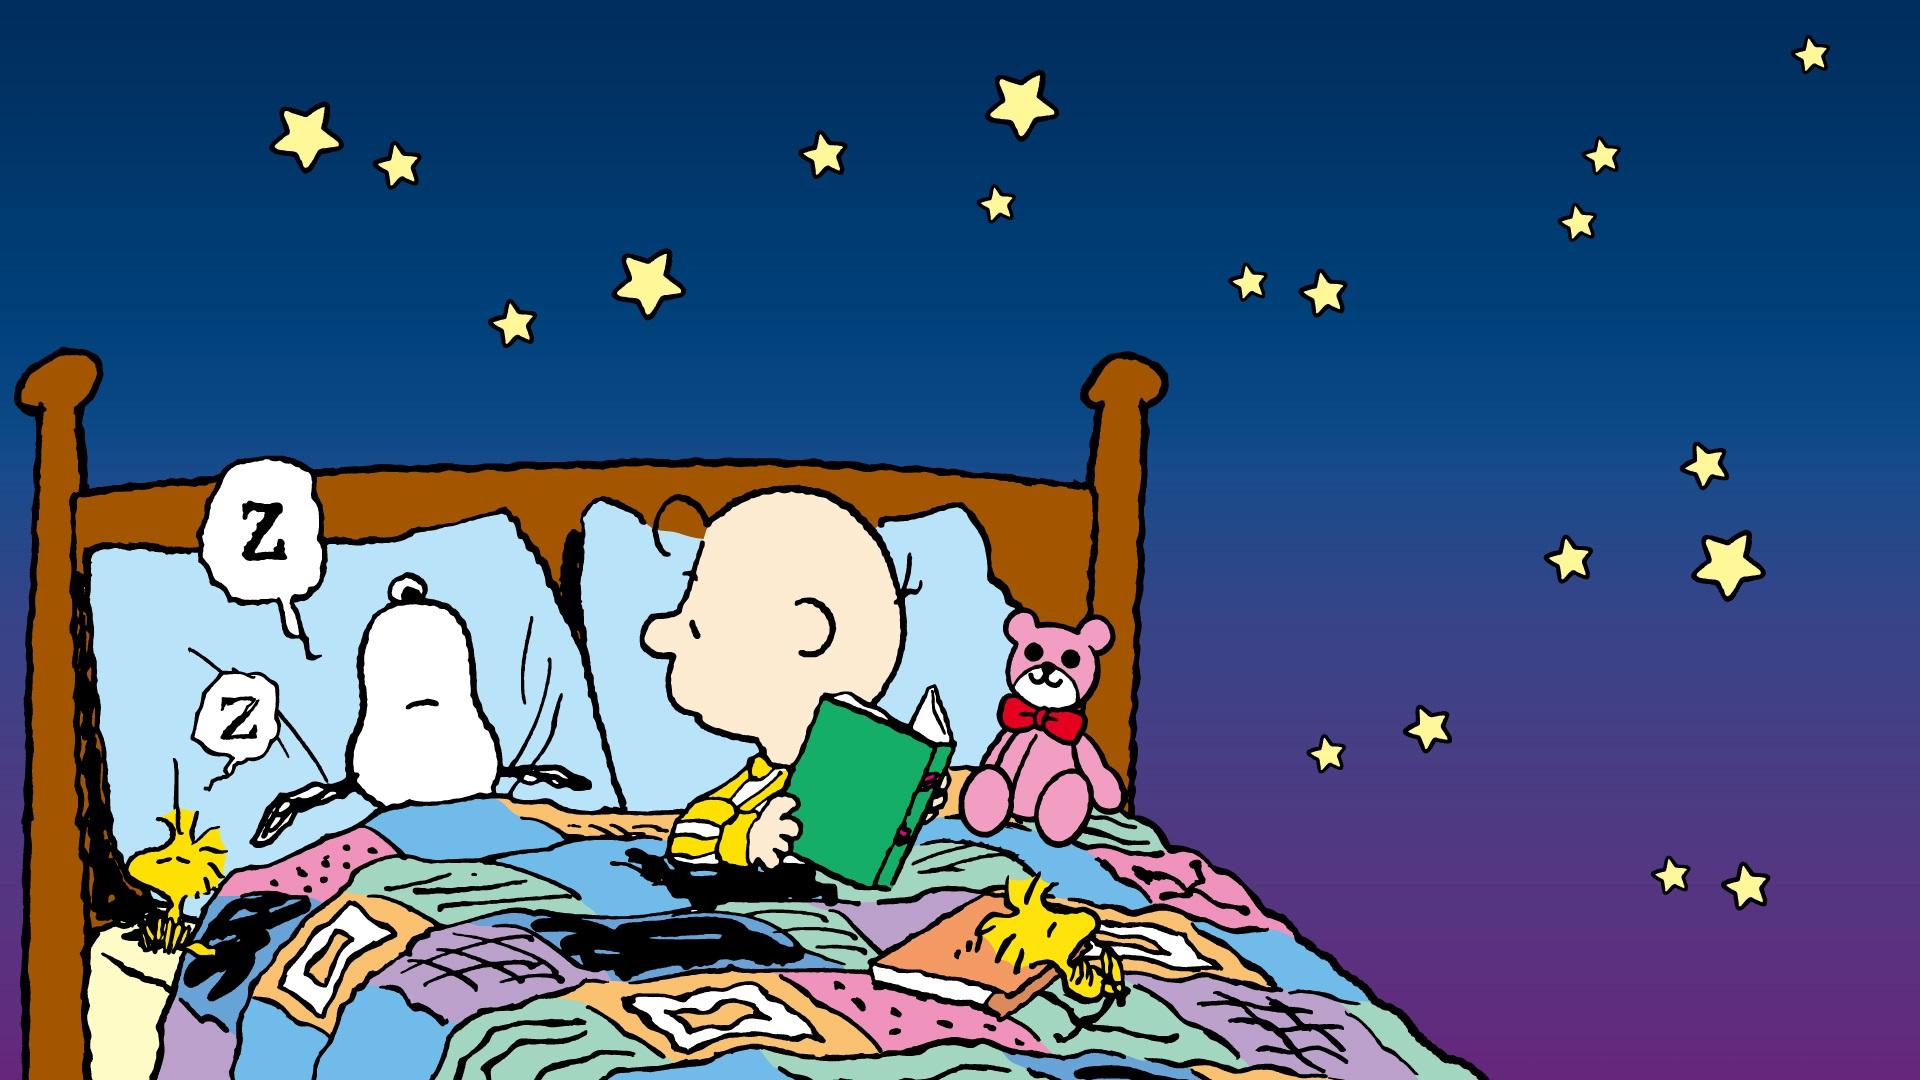 首页 动漫 史努比和查理在床上 壁纸  史努比和查理在床上 壁纸图片